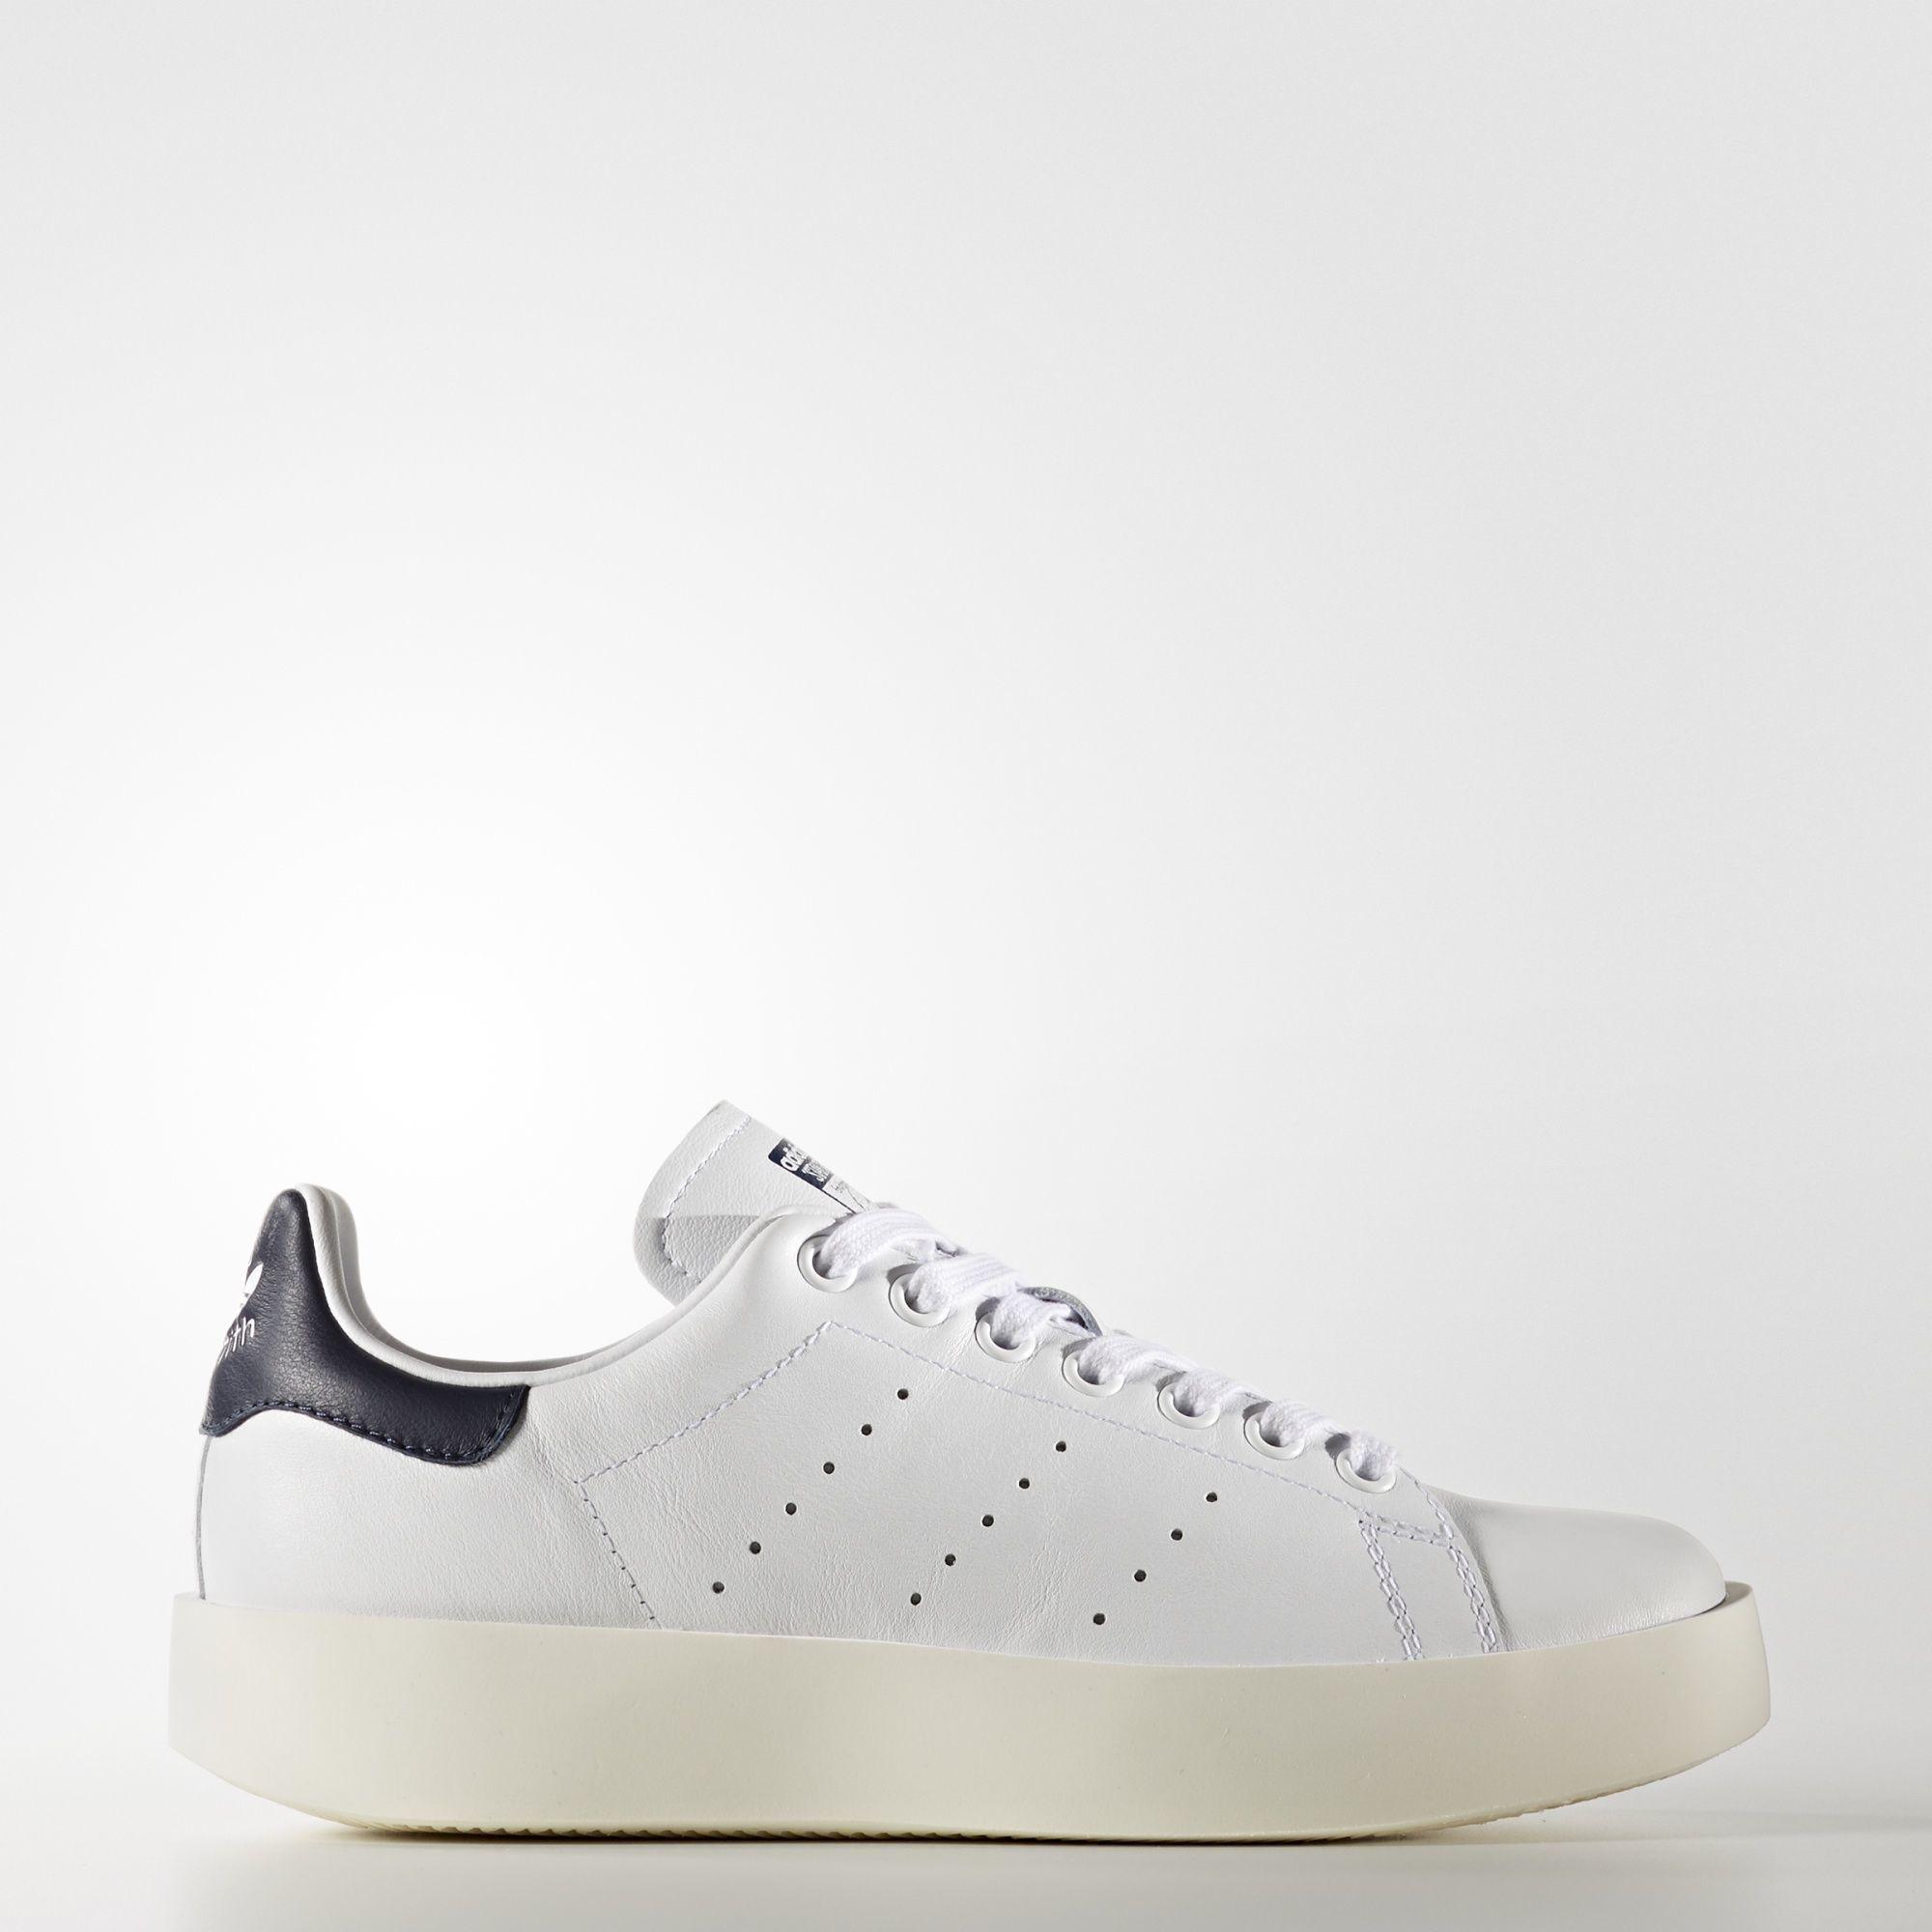 separation shoes a2b8b d2e3b ADIDAS ORIGINALS STAN SMITH BOLD PLATFORM SNEAKERS.  adidasoriginals  shoes